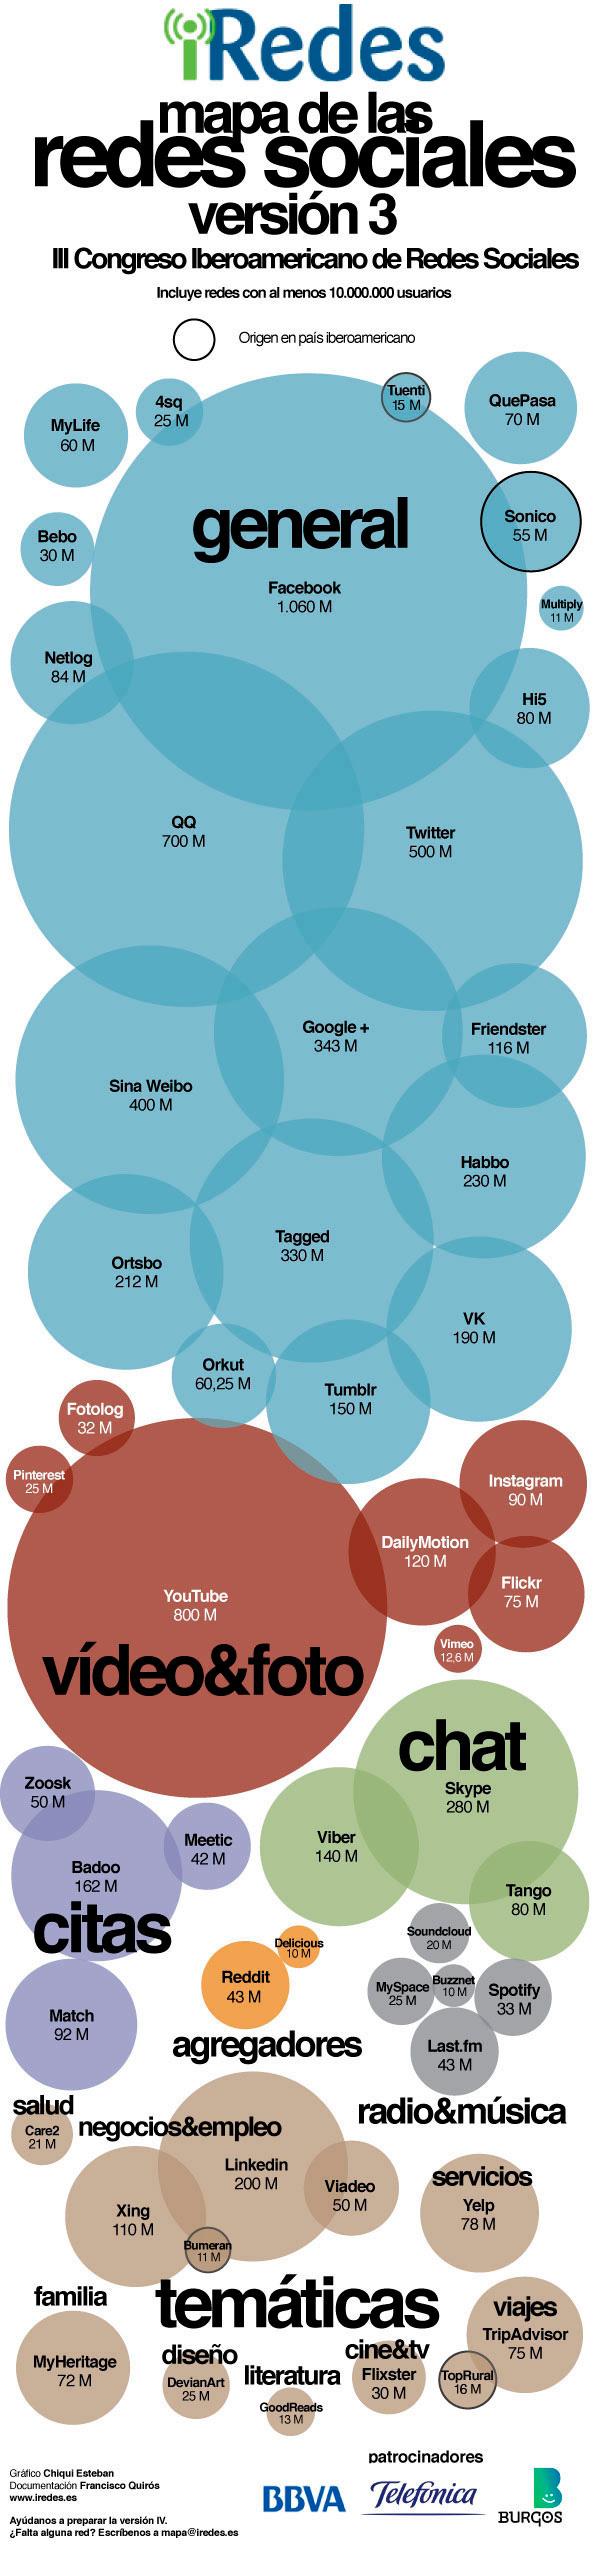 las categorias sociales: